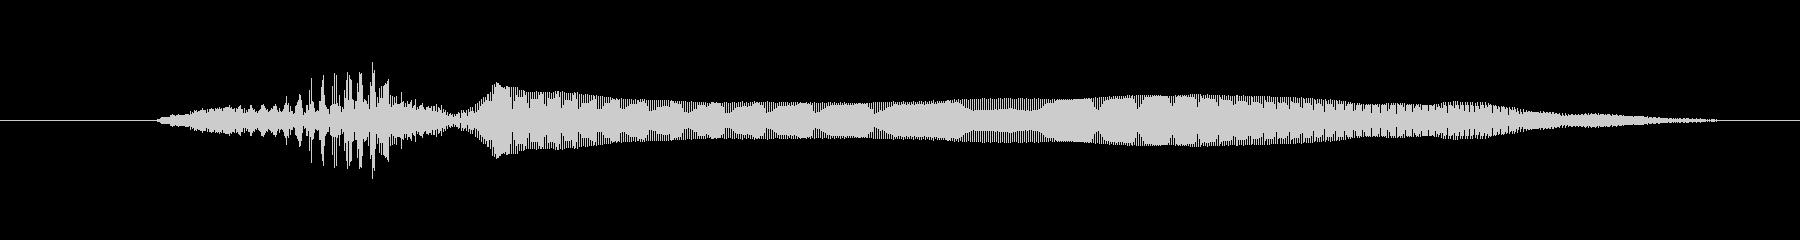 ドワーフ 応援ジュフ06の未再生の波形